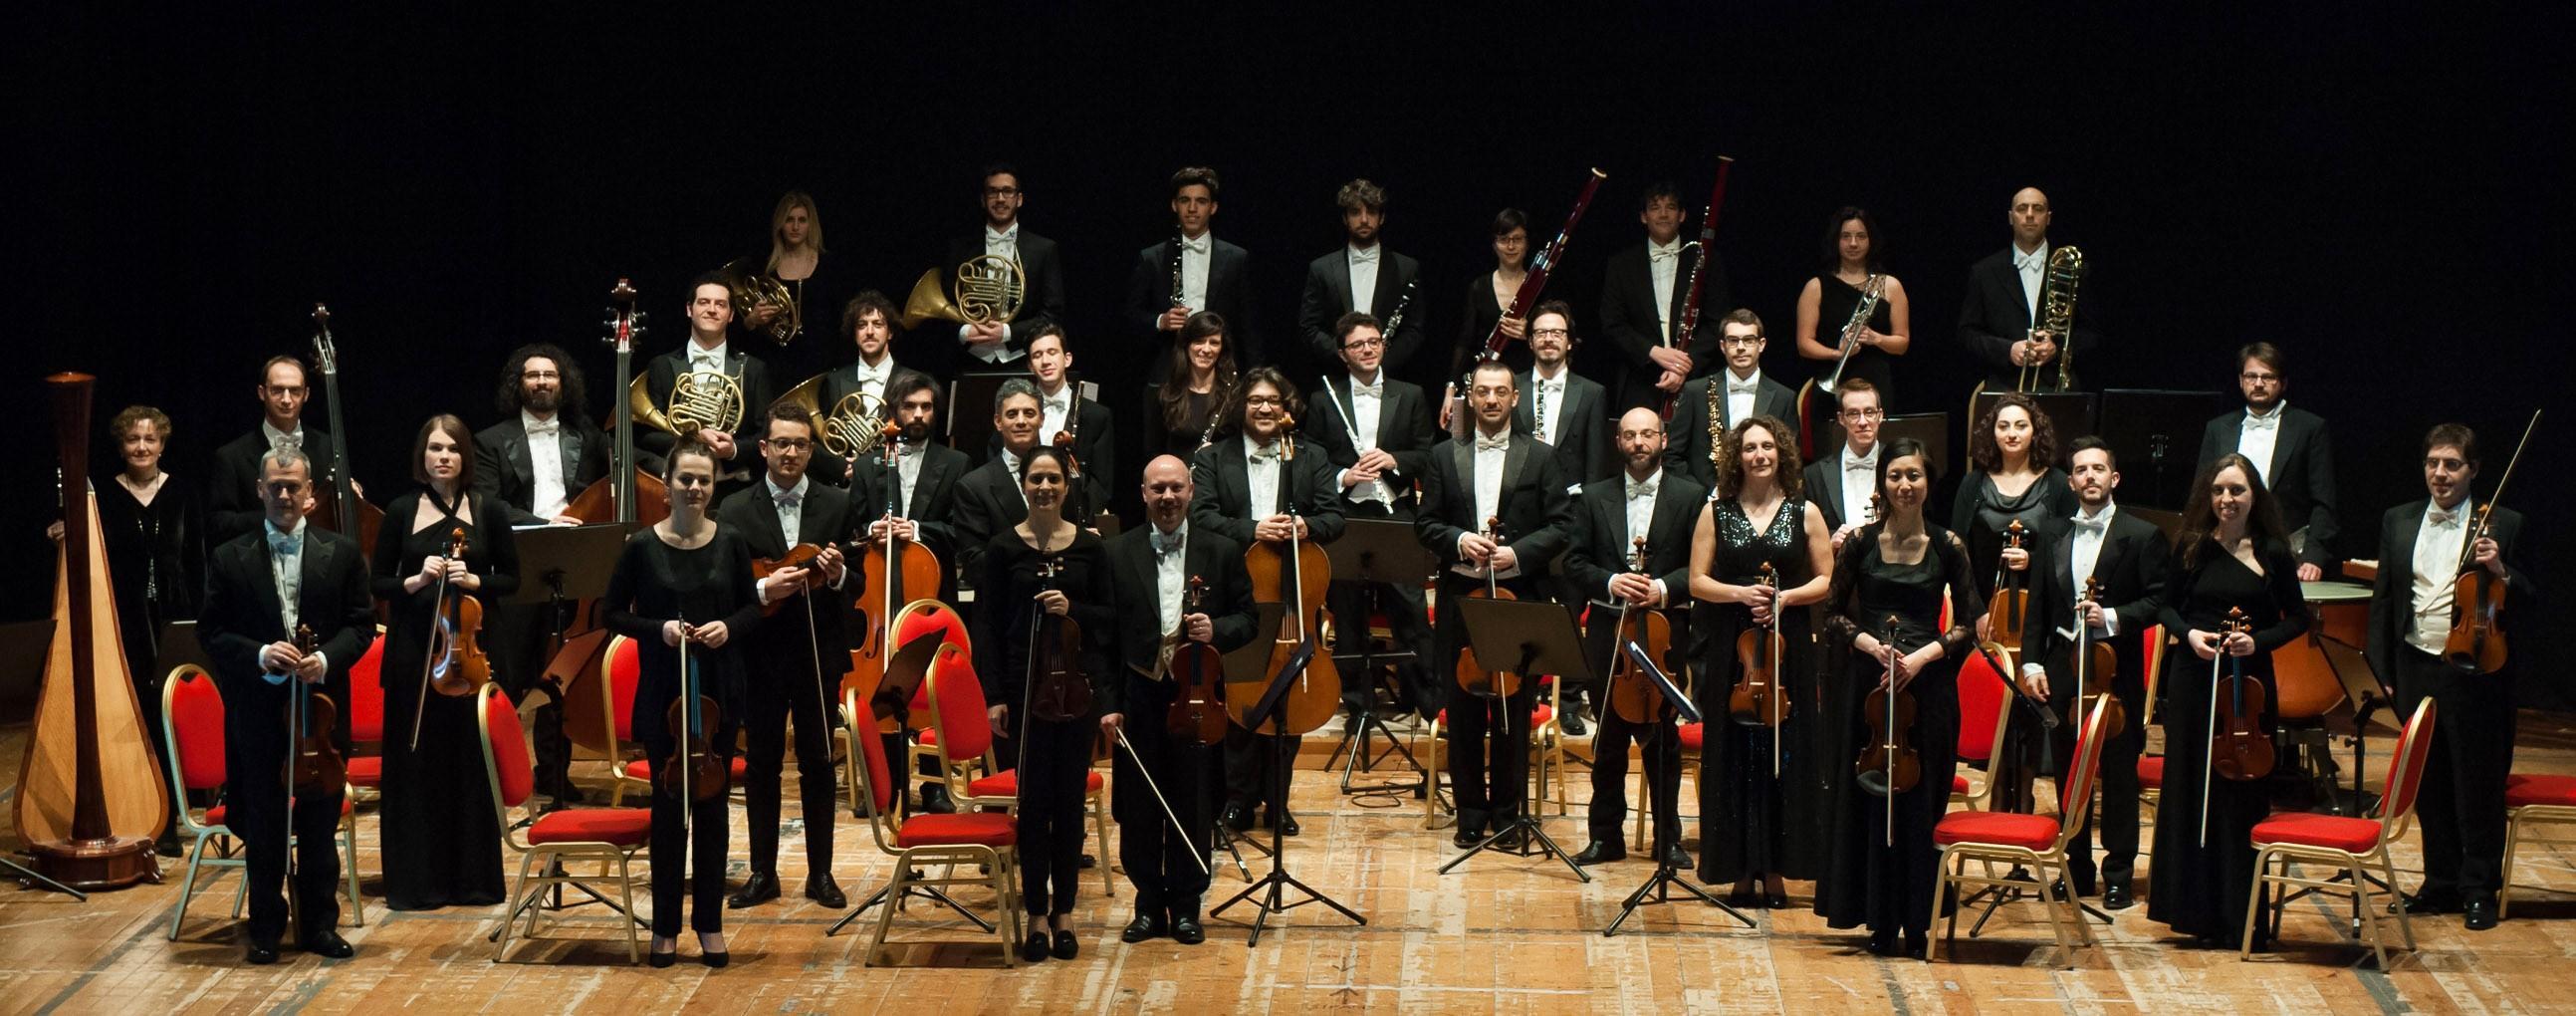 Il Colibrì Ensemble e il violinista Moccia inaugurano la stagione di Appassionata